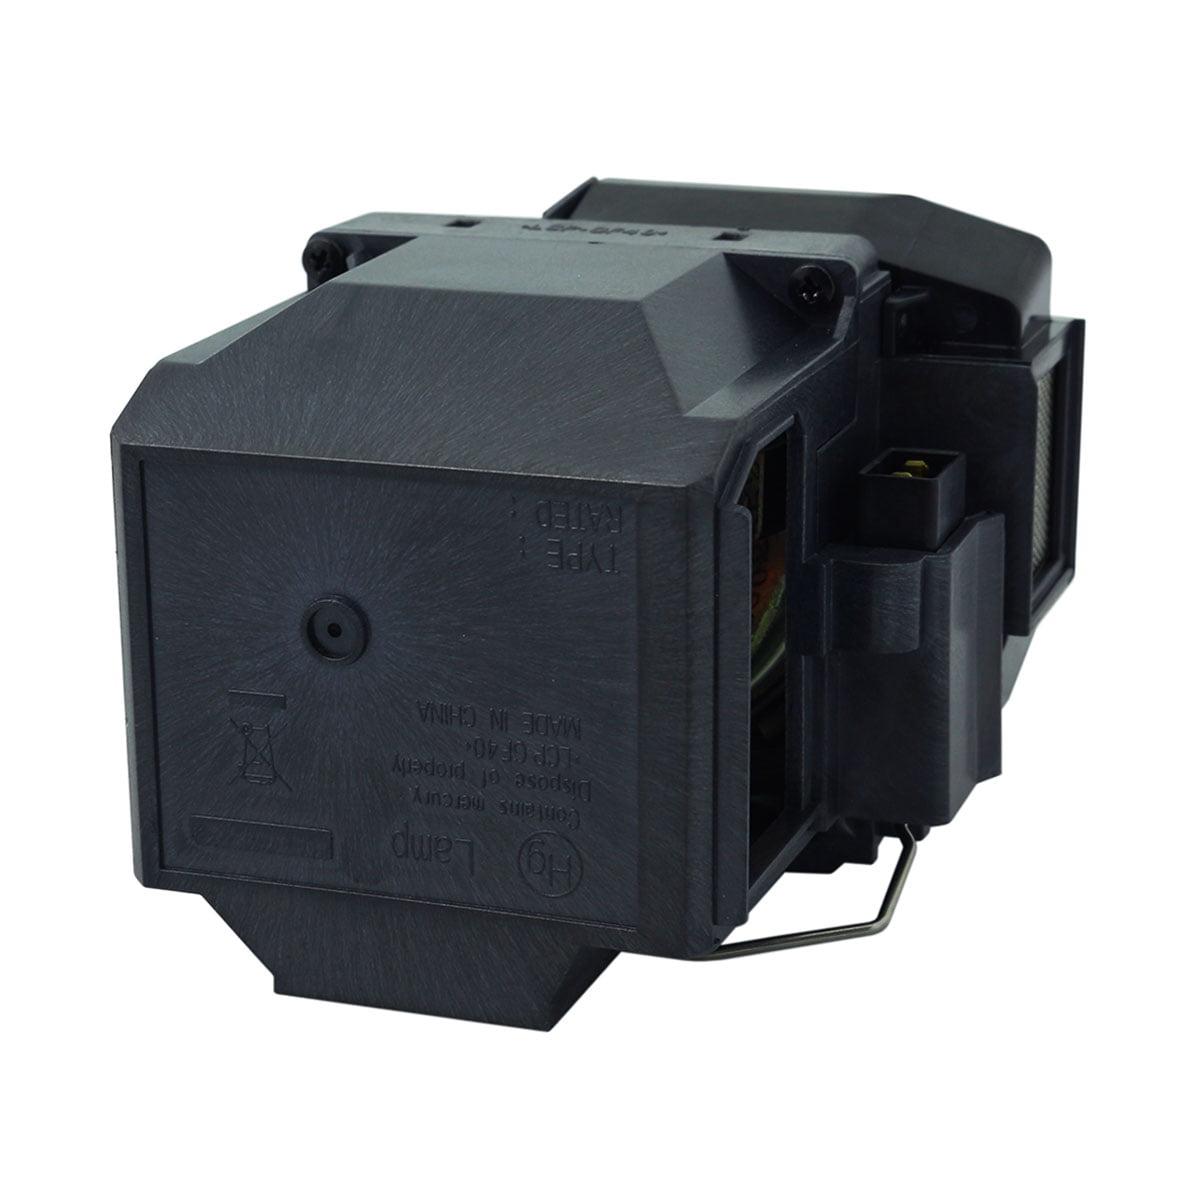 Lutema Economy pour Epson Home Cinema 3100 lampe de projecteur avec bo�tier - image 4 de 5